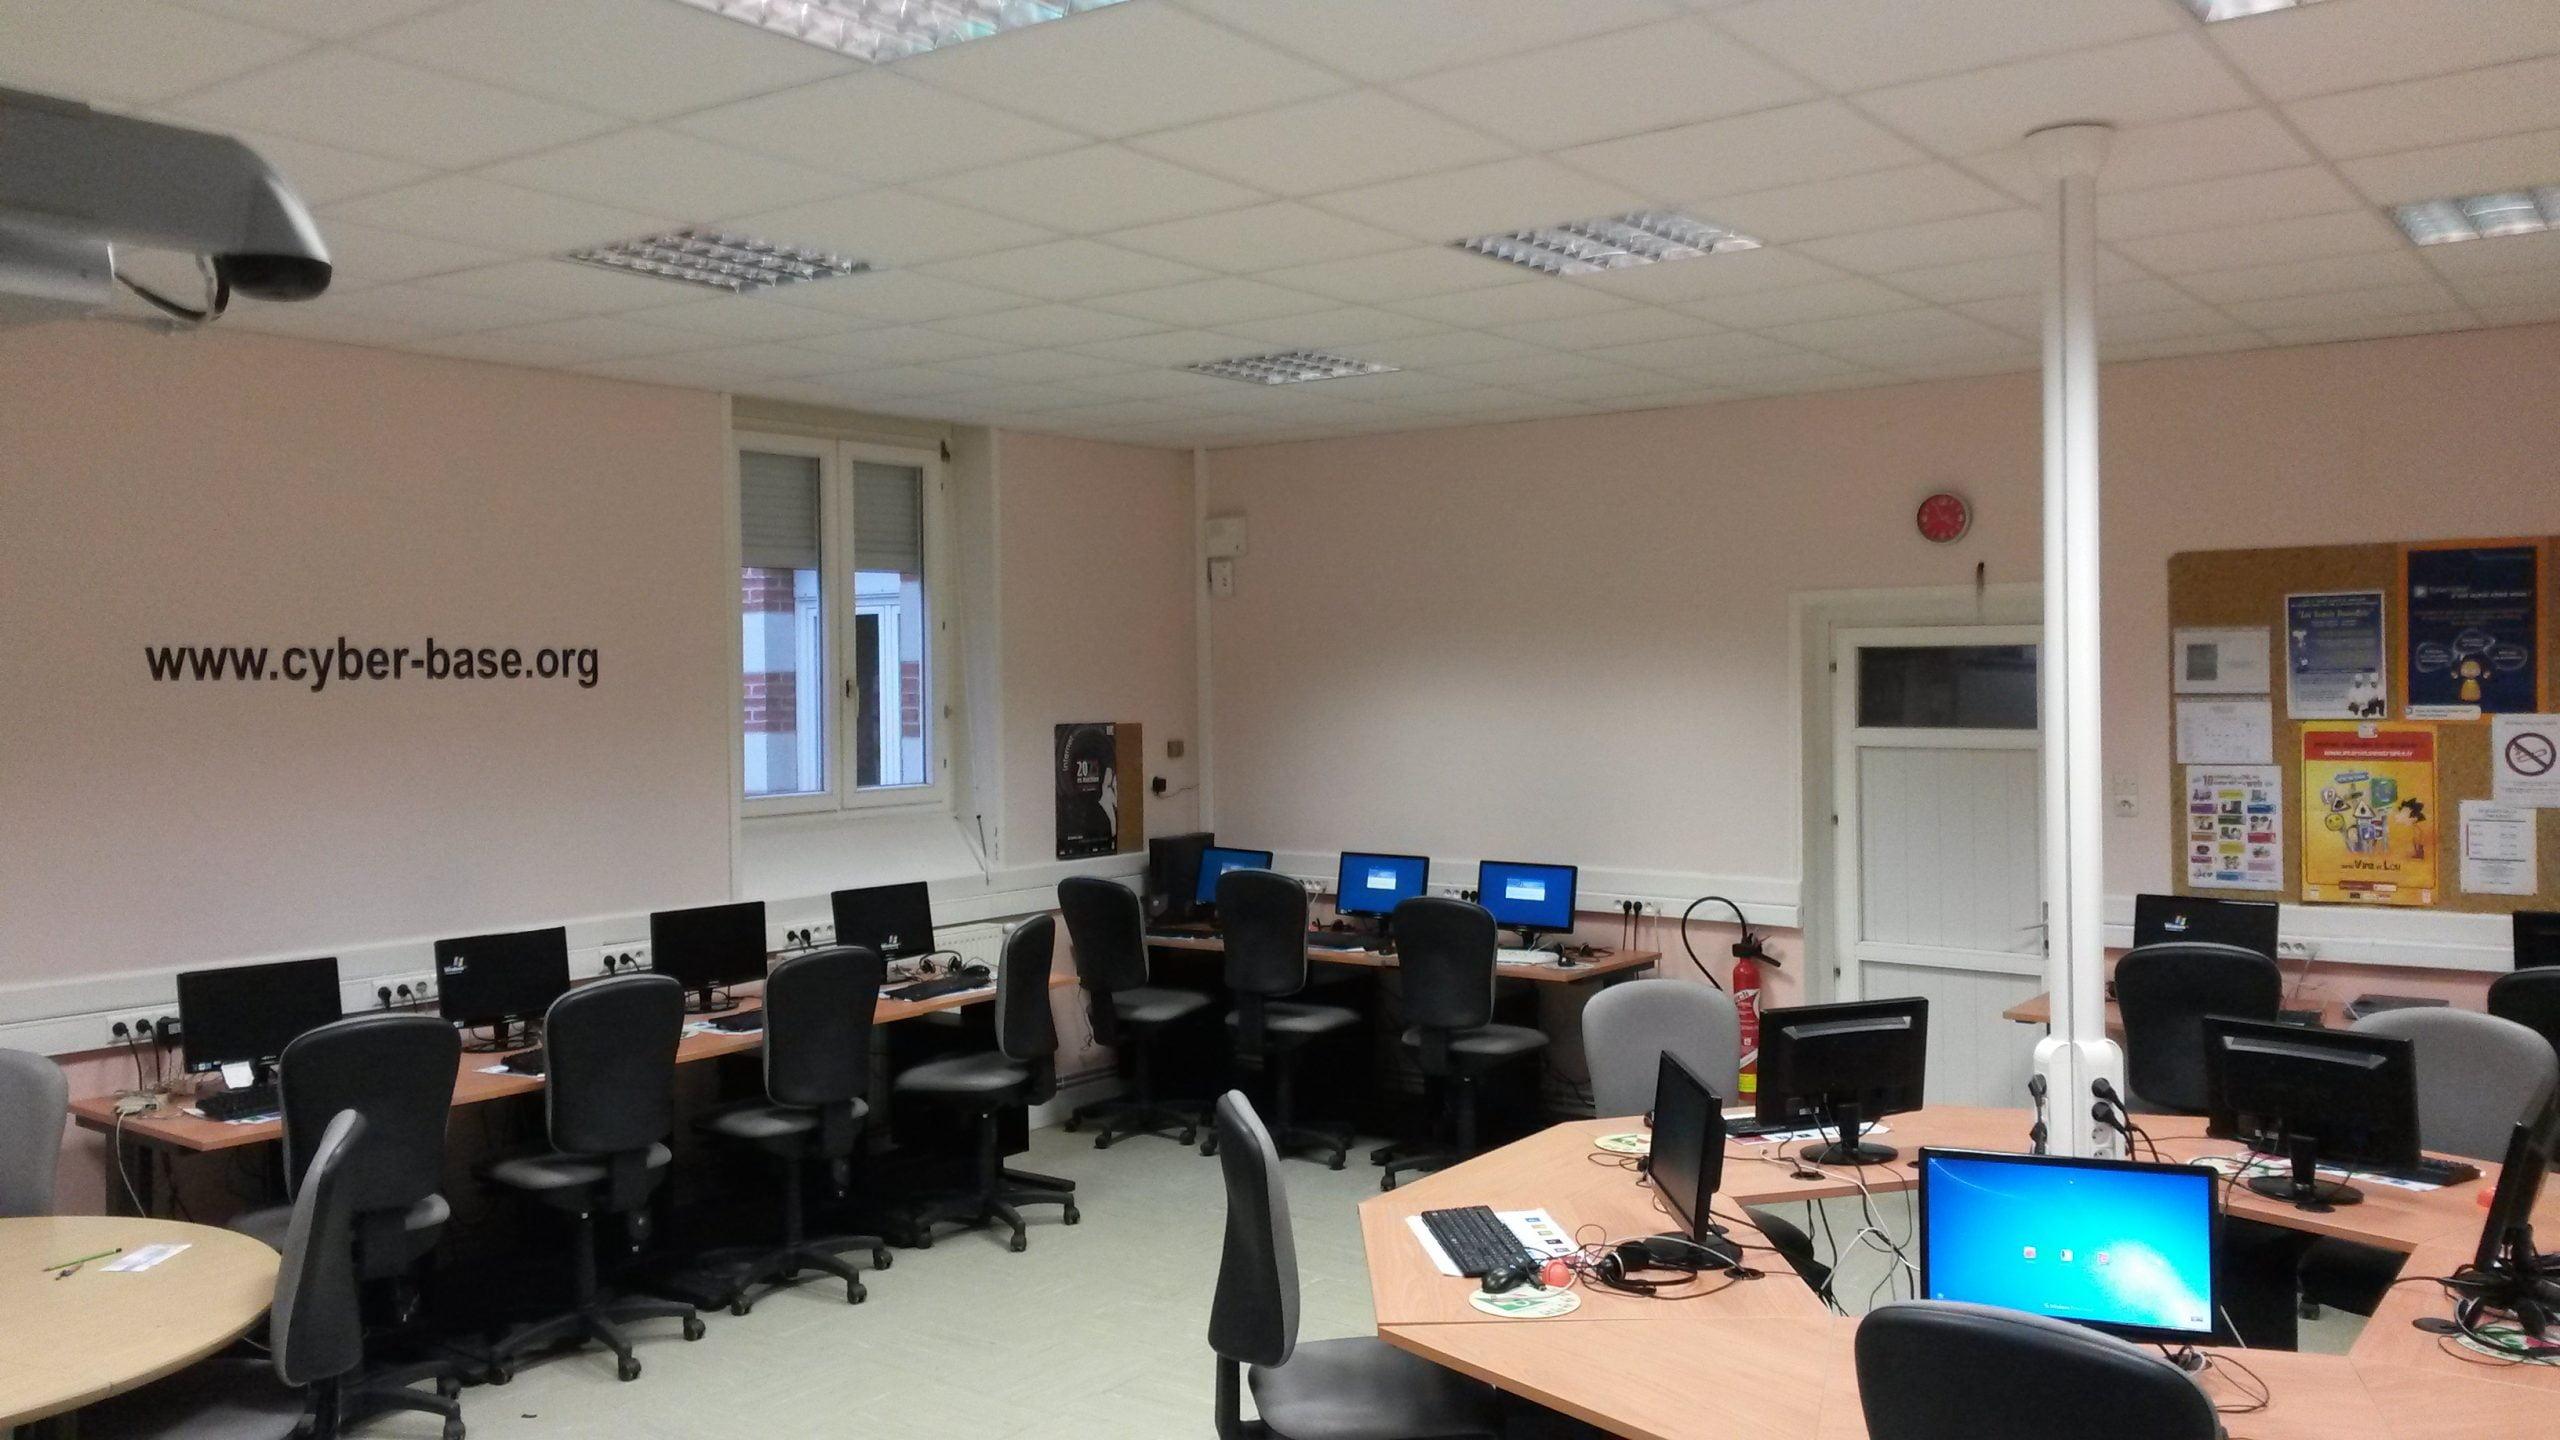 Vue d'ensemble de la Cyber Base de Pruniers en Sologne